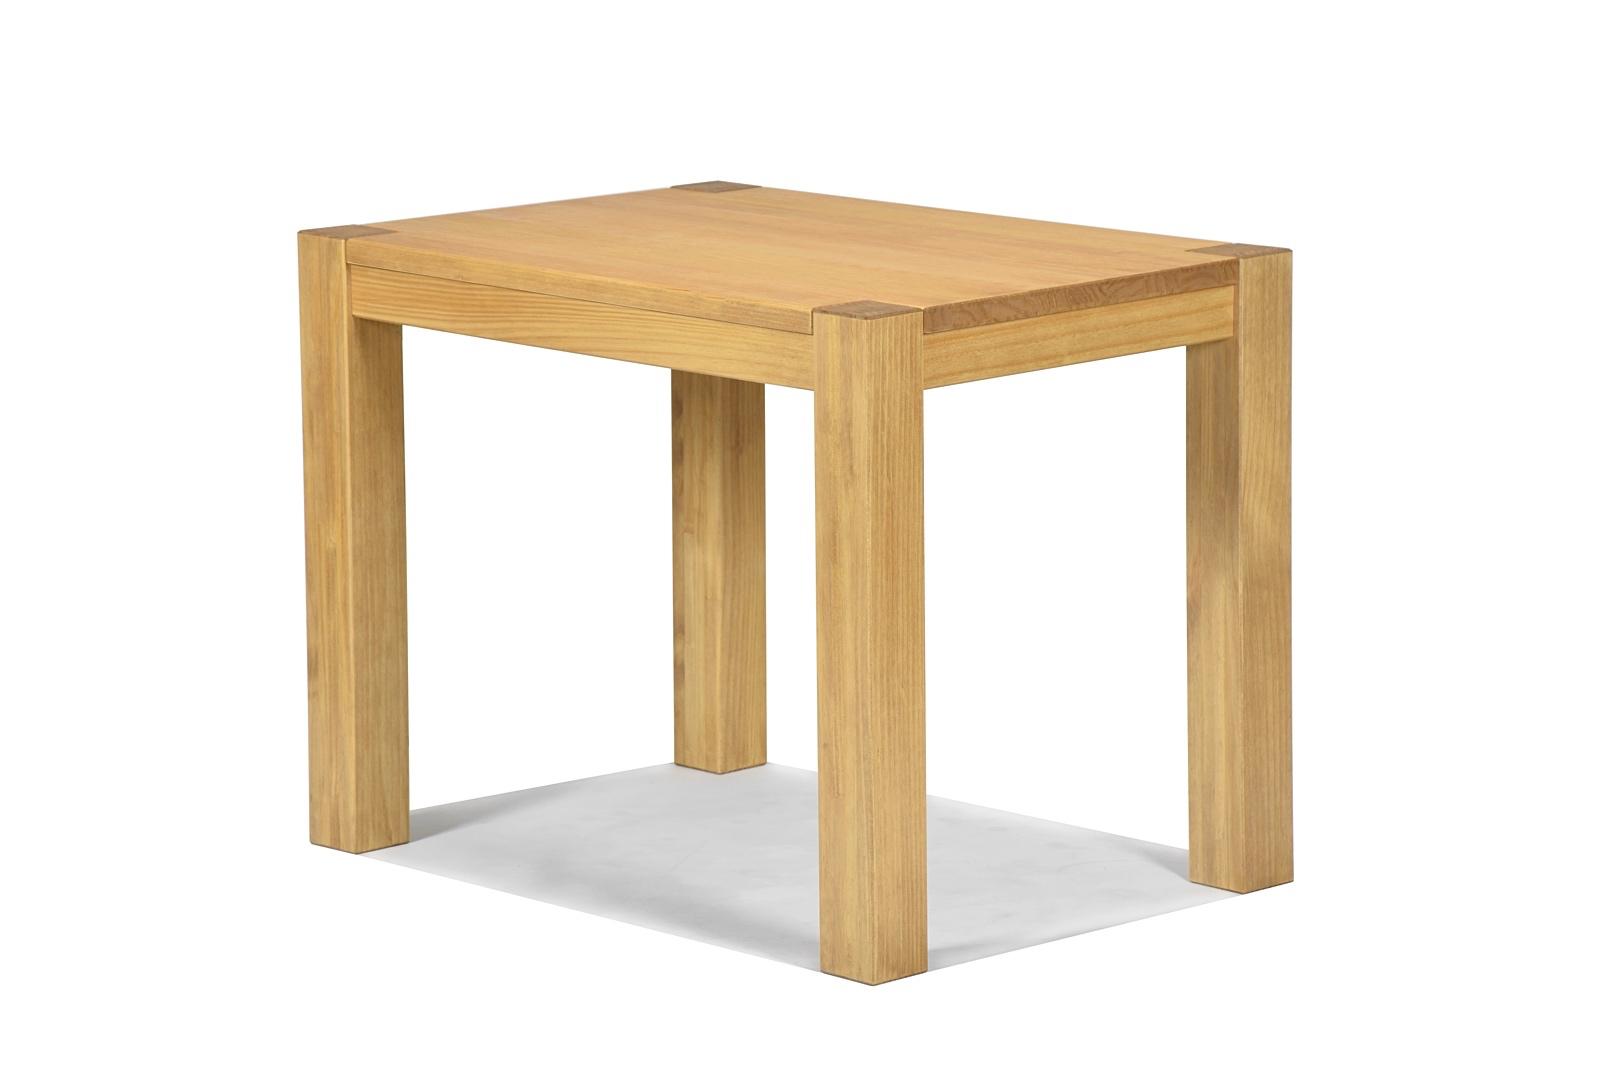 Esstisch Rio Bonito Massivholz Tisch 100x70cm Pinie Honig hell